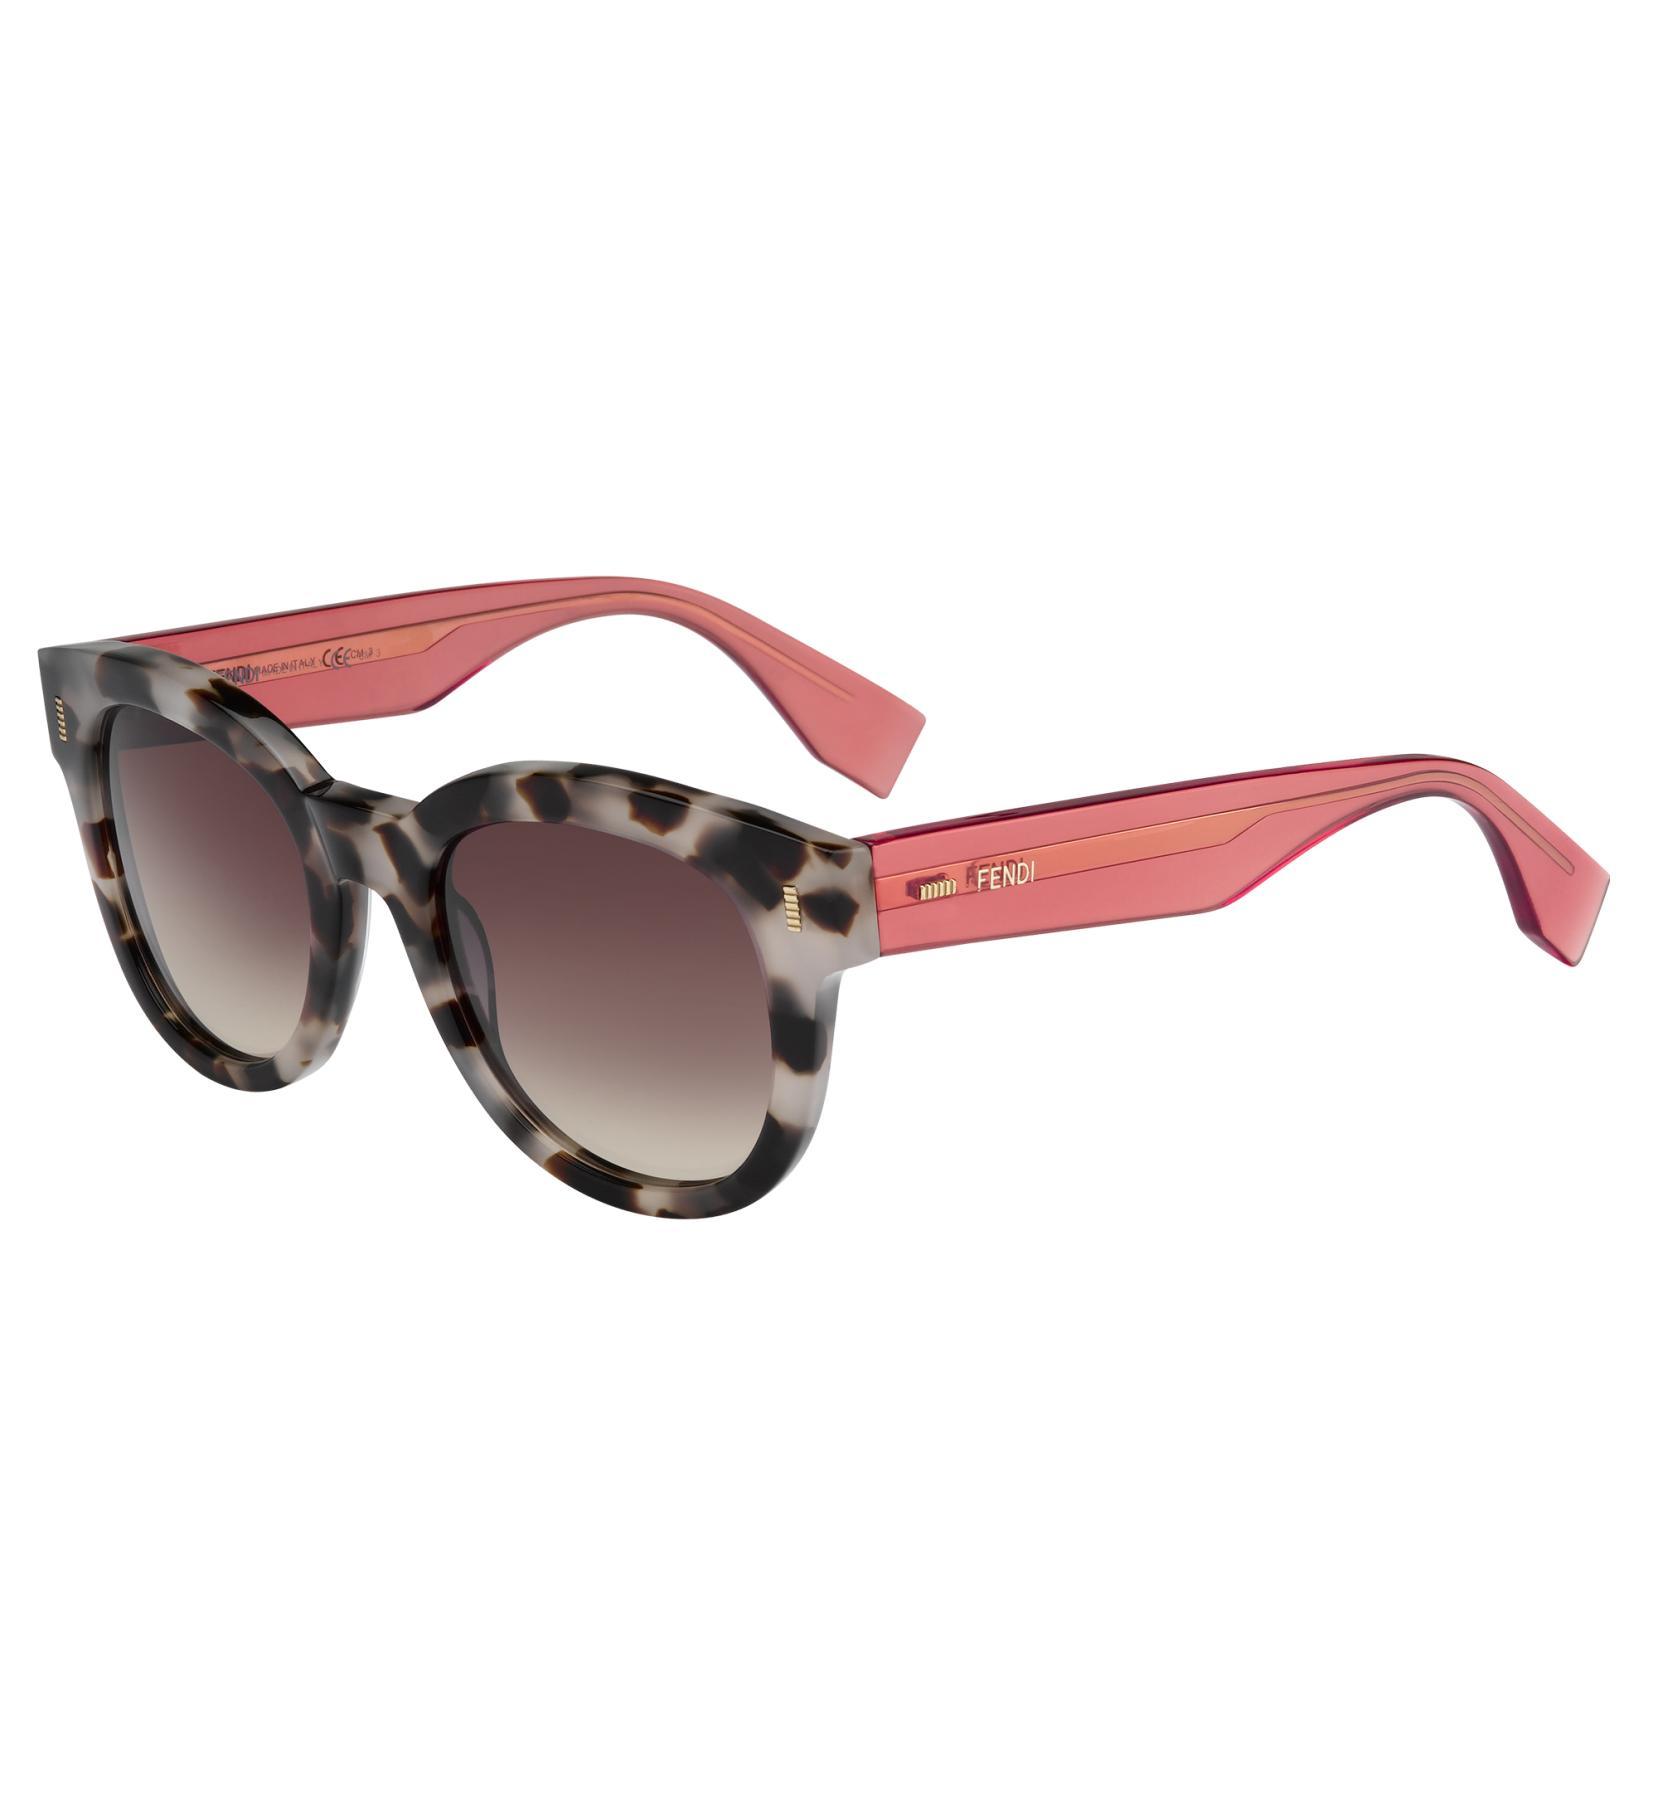 fendi-colorblock-square-acetate-sunglasses-pic161342